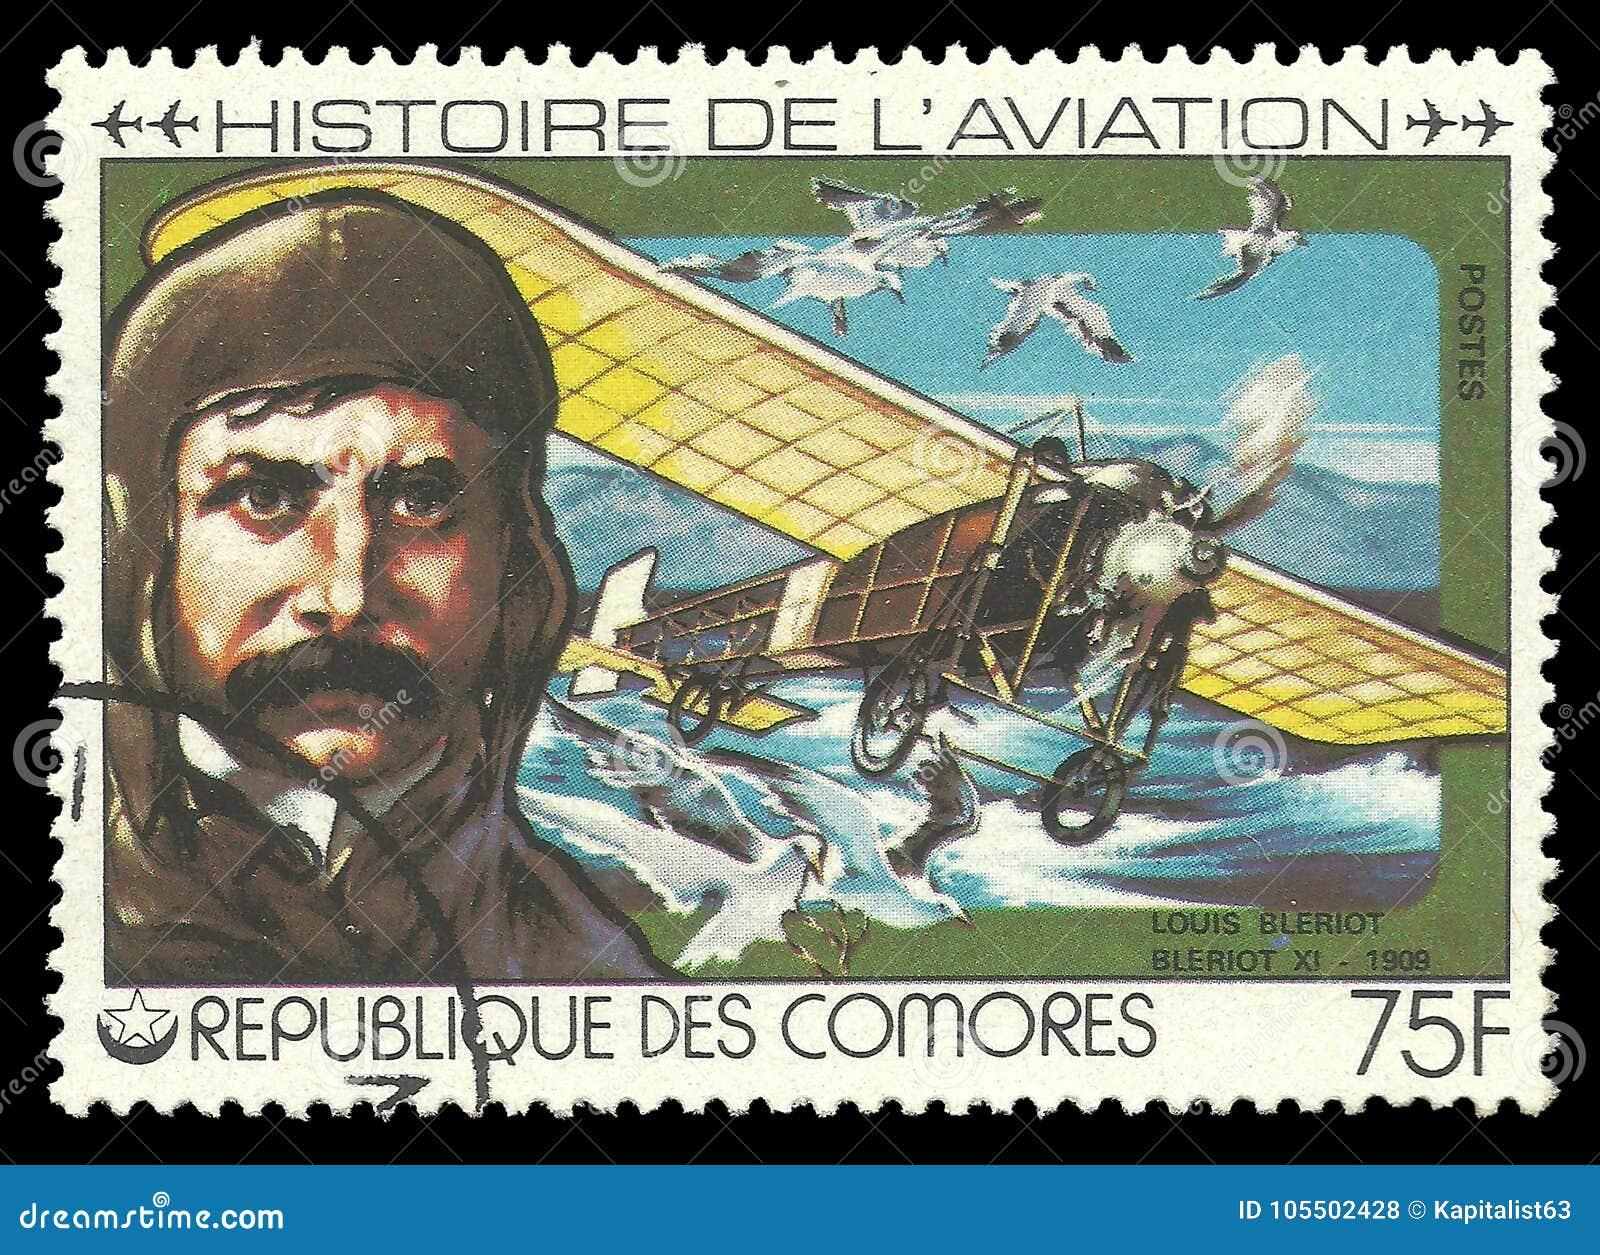 Luftfahrt-Geschichte, Louis Bleriot